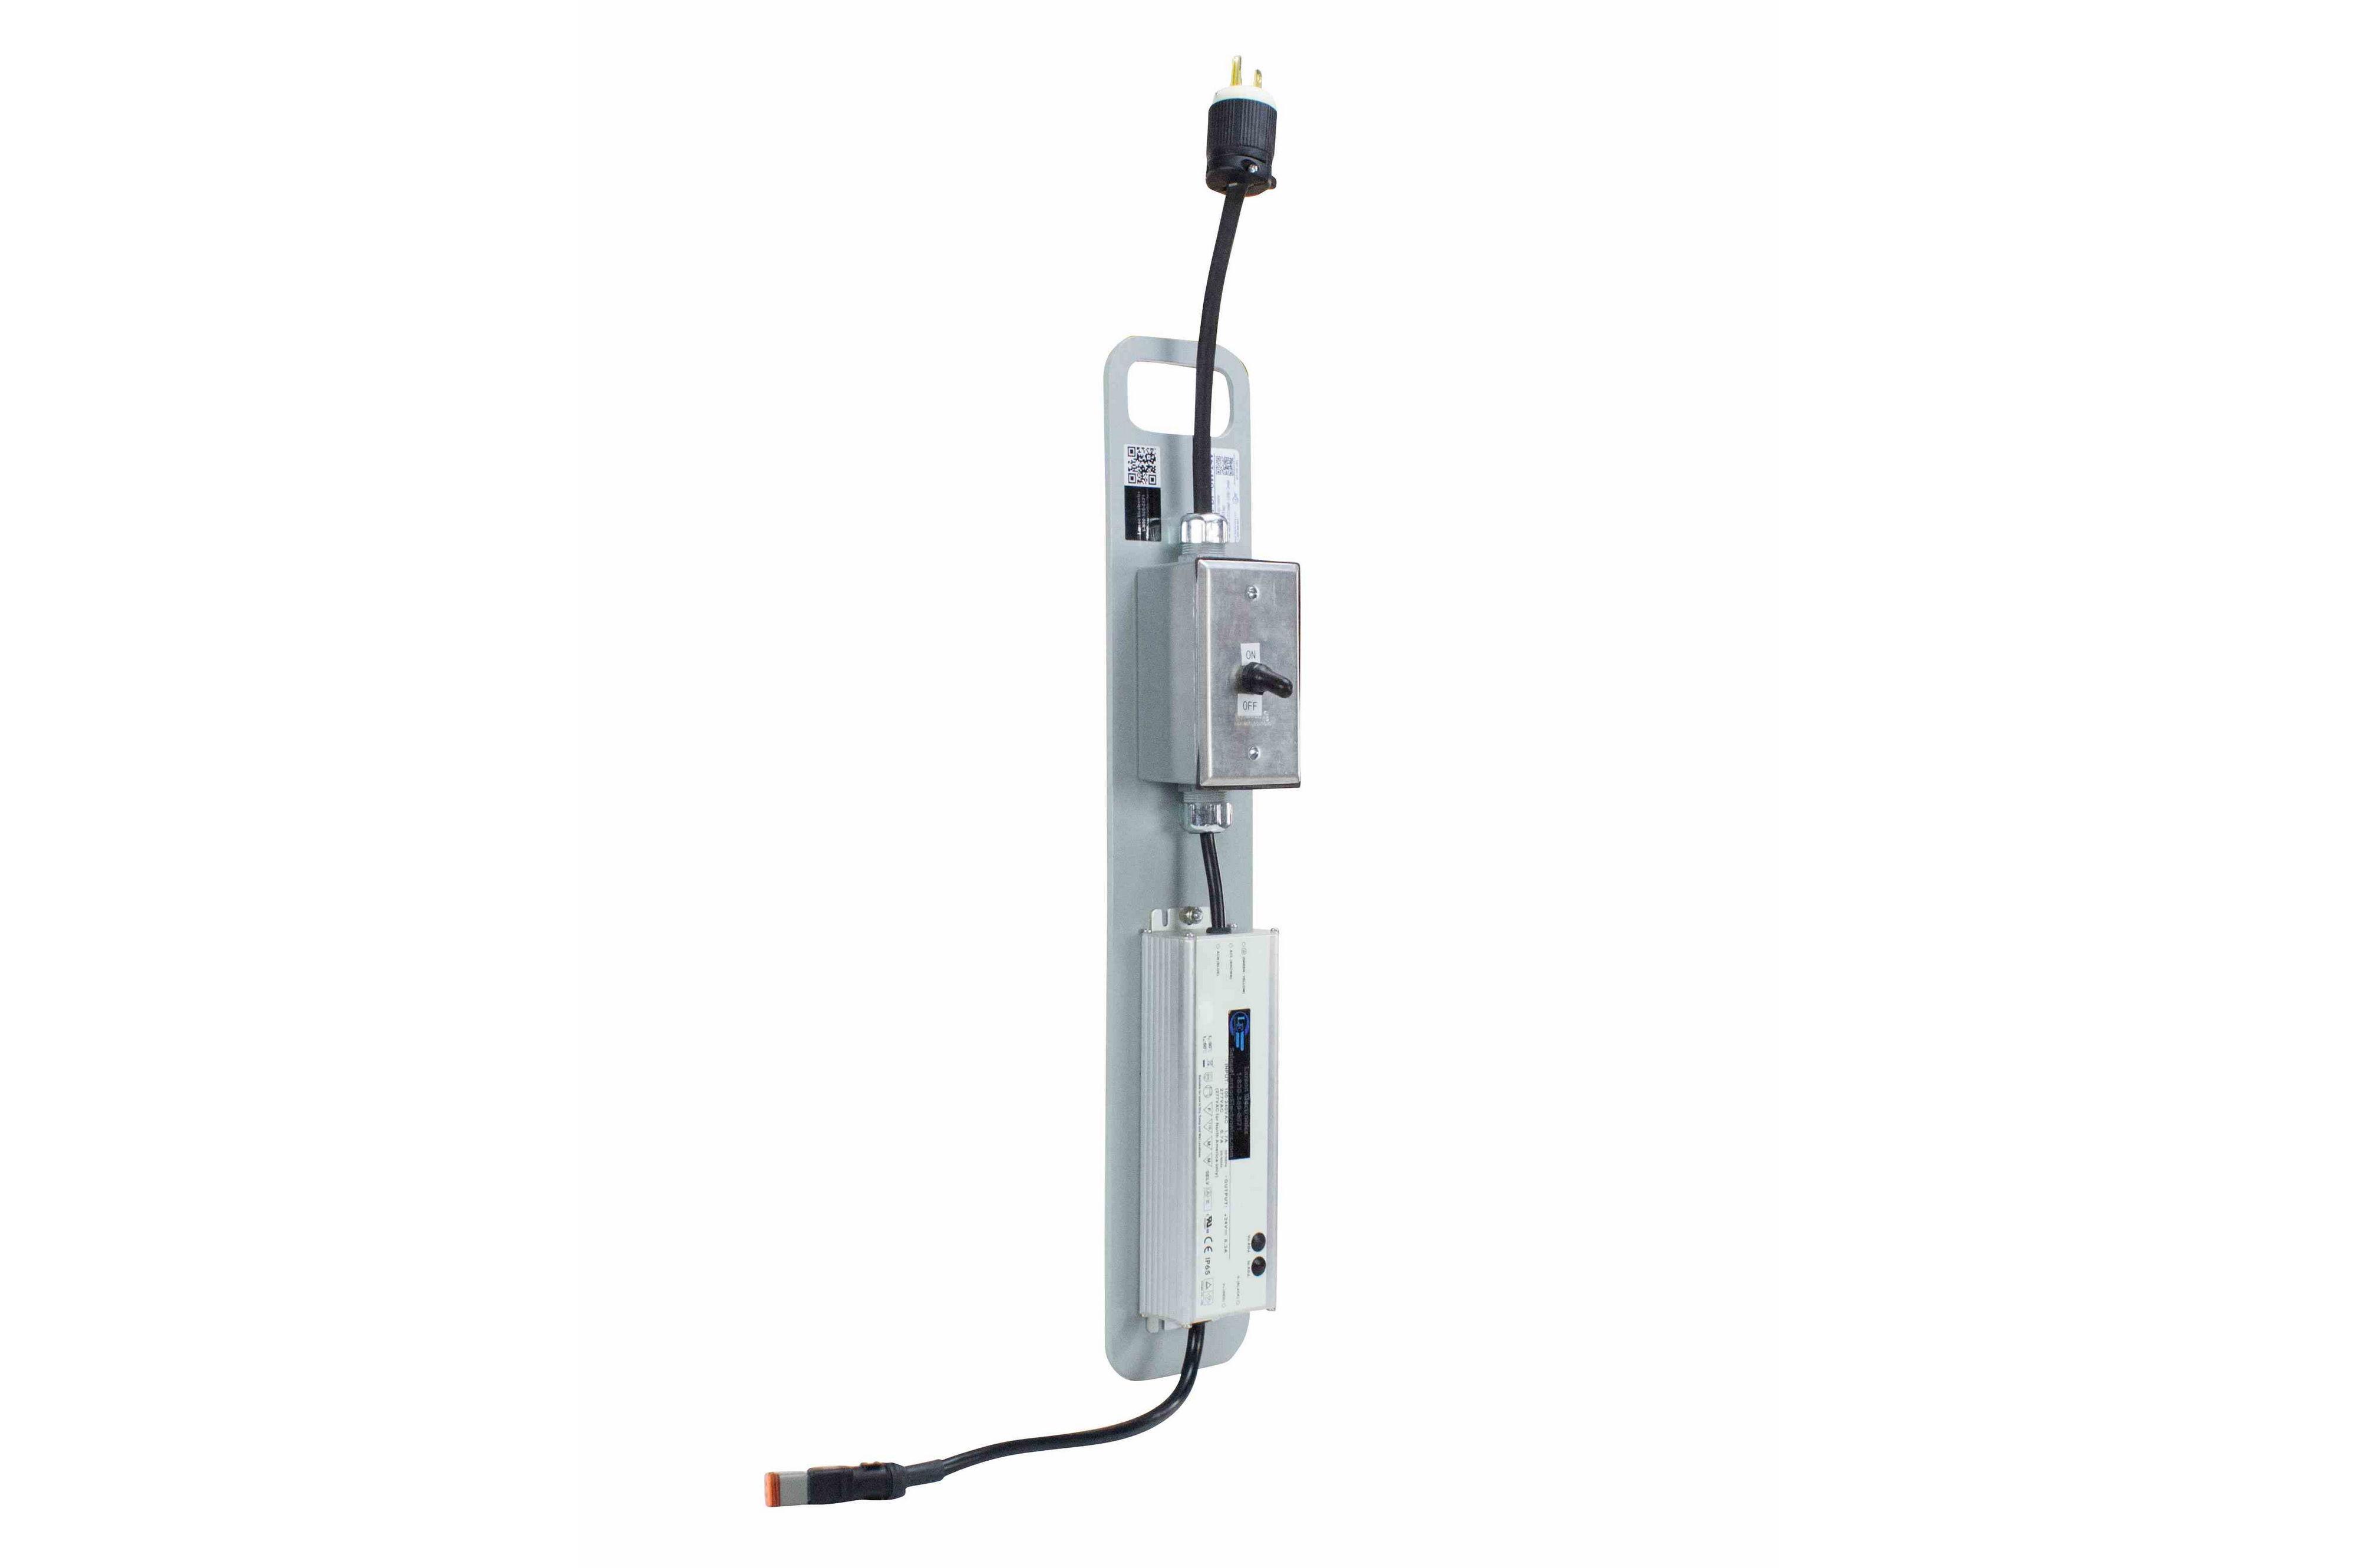 12 24 Volt Dc 11 Amp 106 Watt Output Transformer